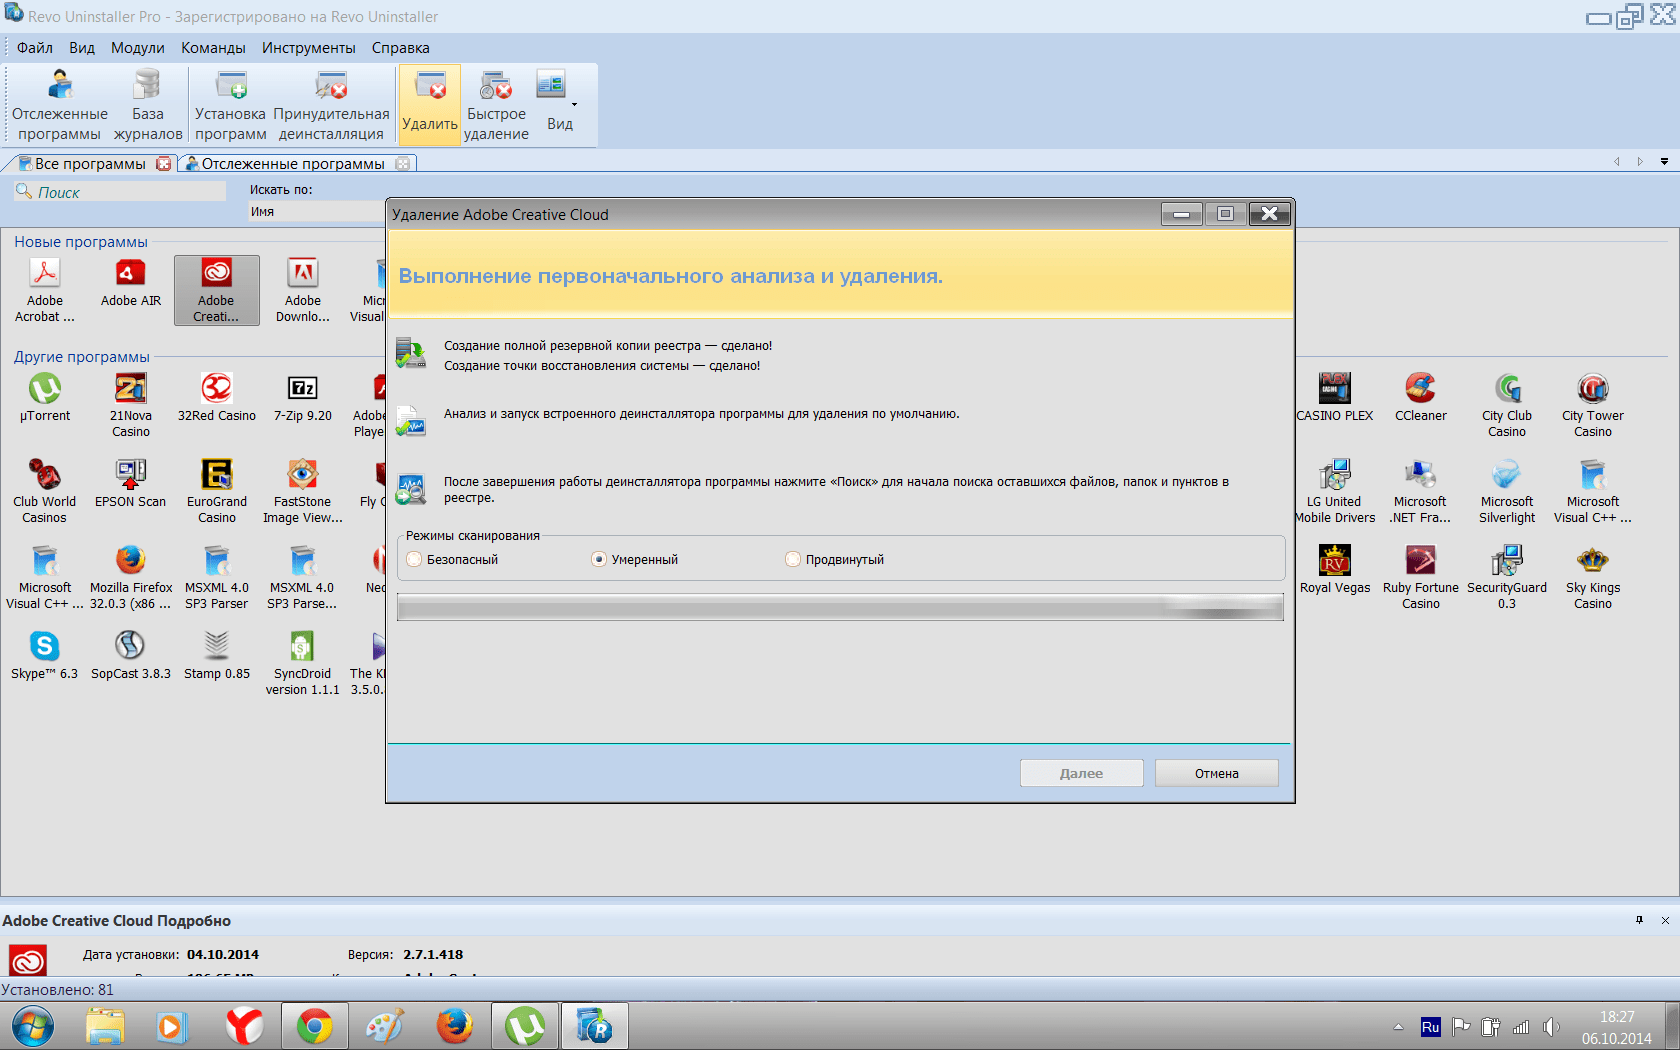 Продвинутое сканирование в Revo Uninstaller